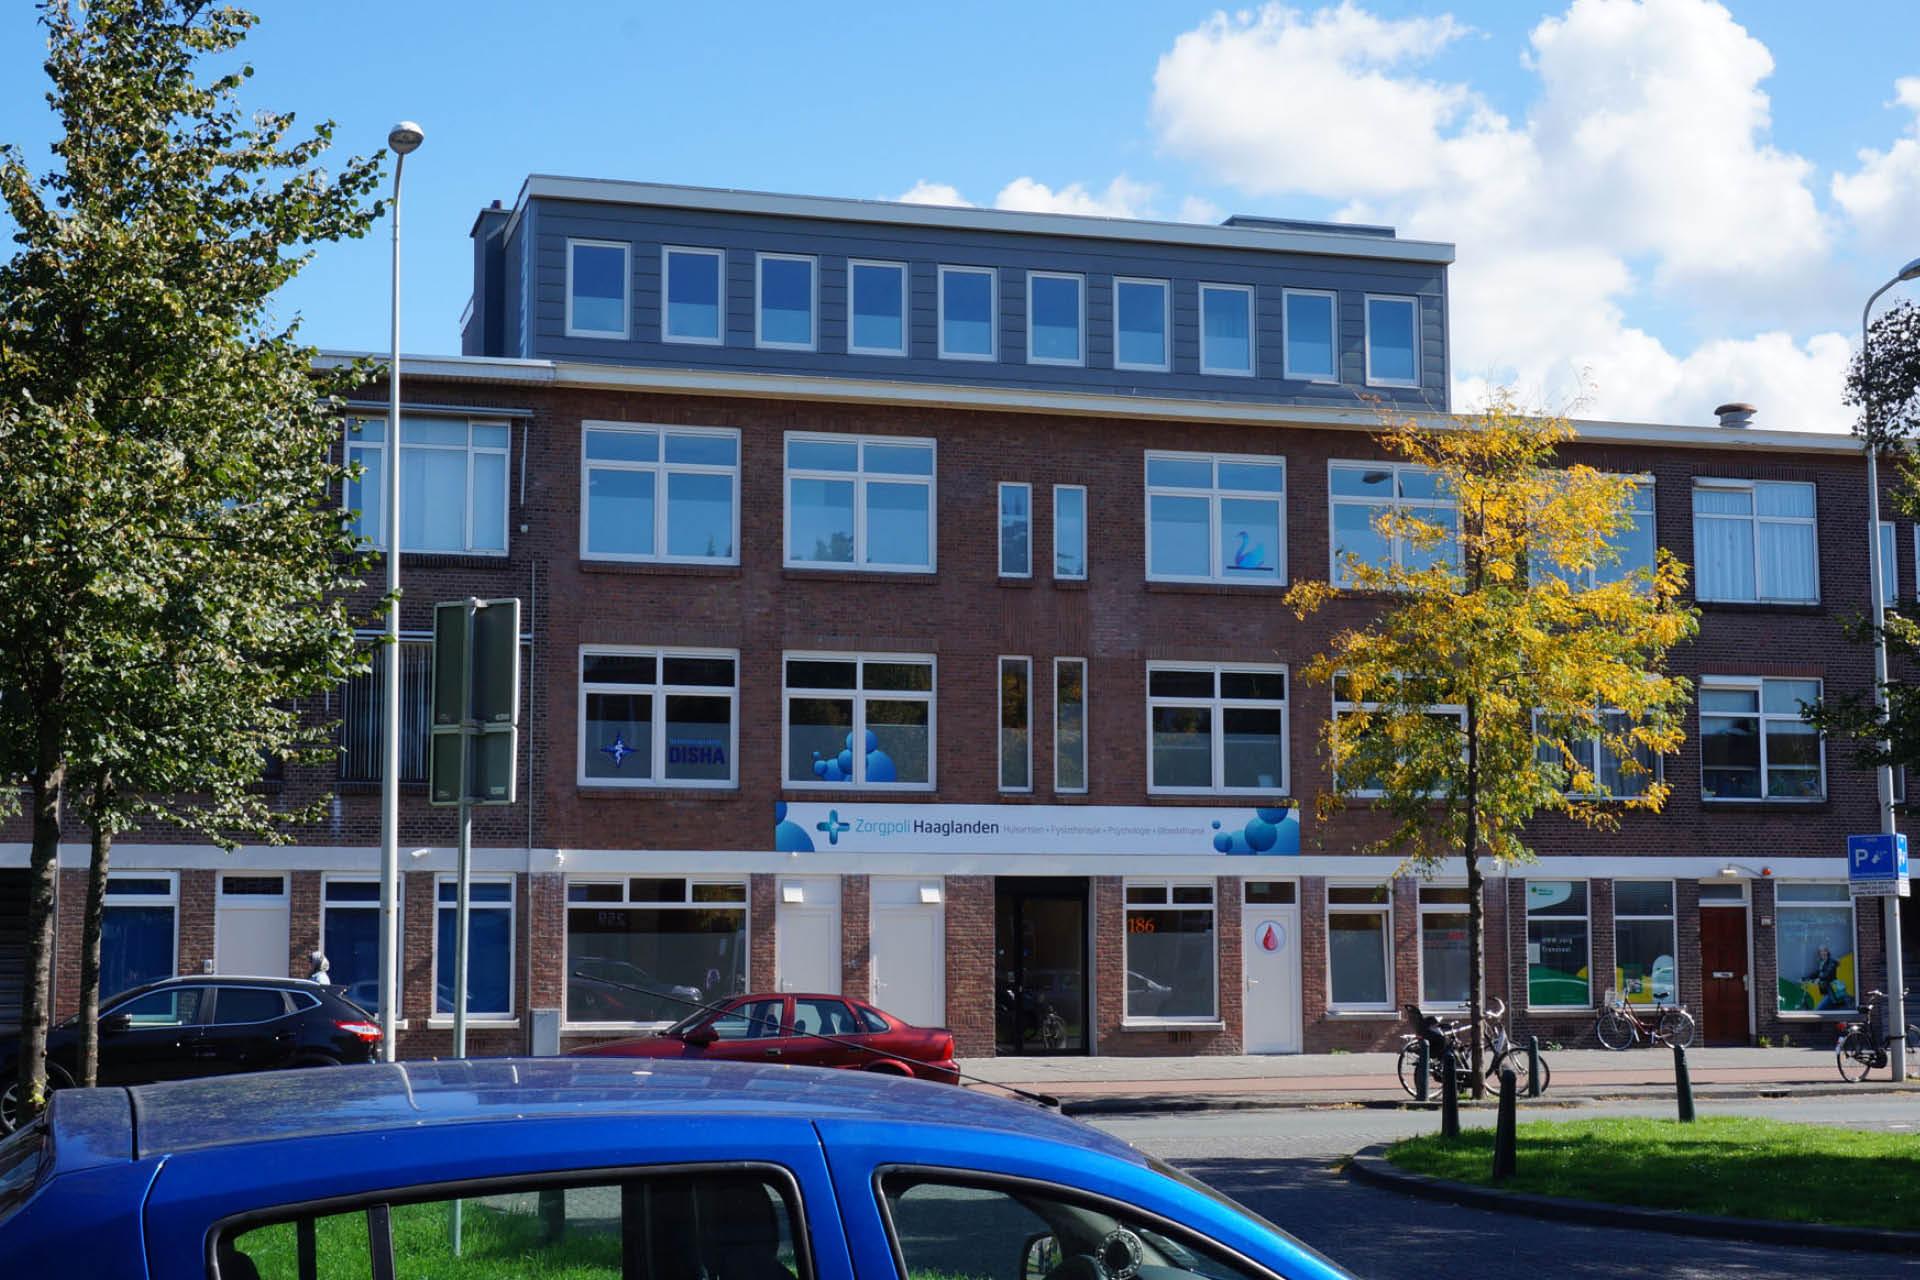 De la Reyweg, Den Haag